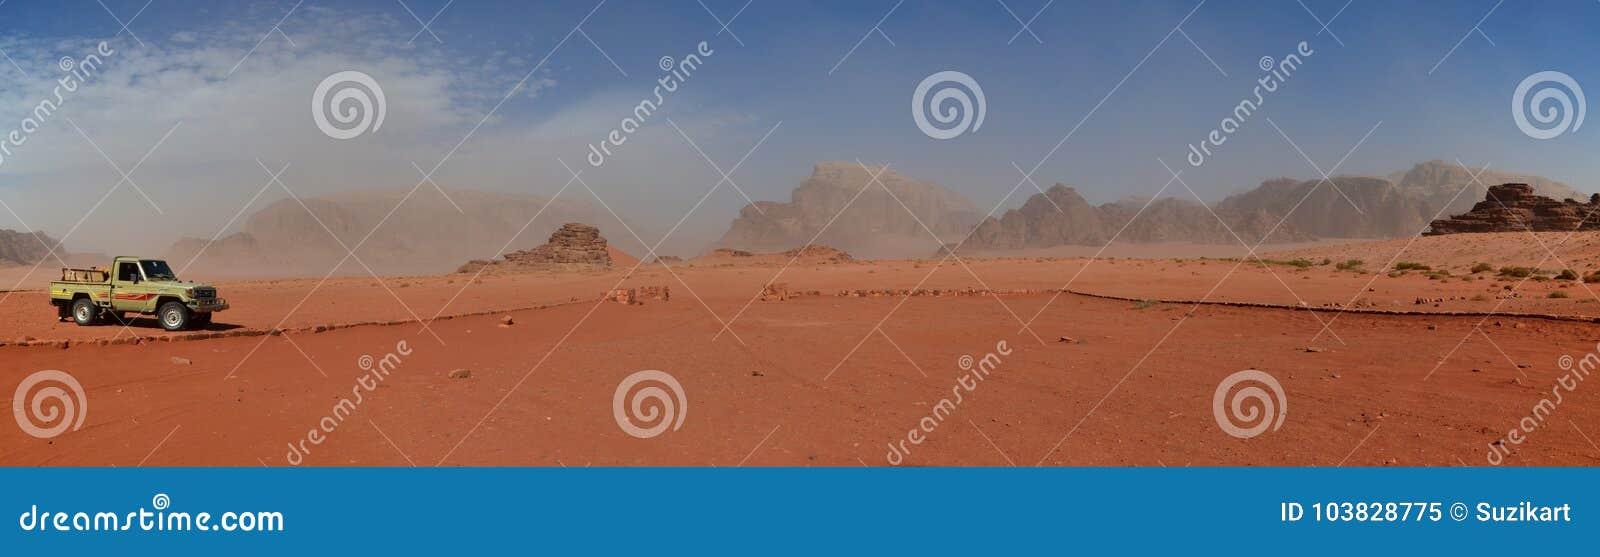 沙子和岩石露出,瓦地伦,约旦宽远景